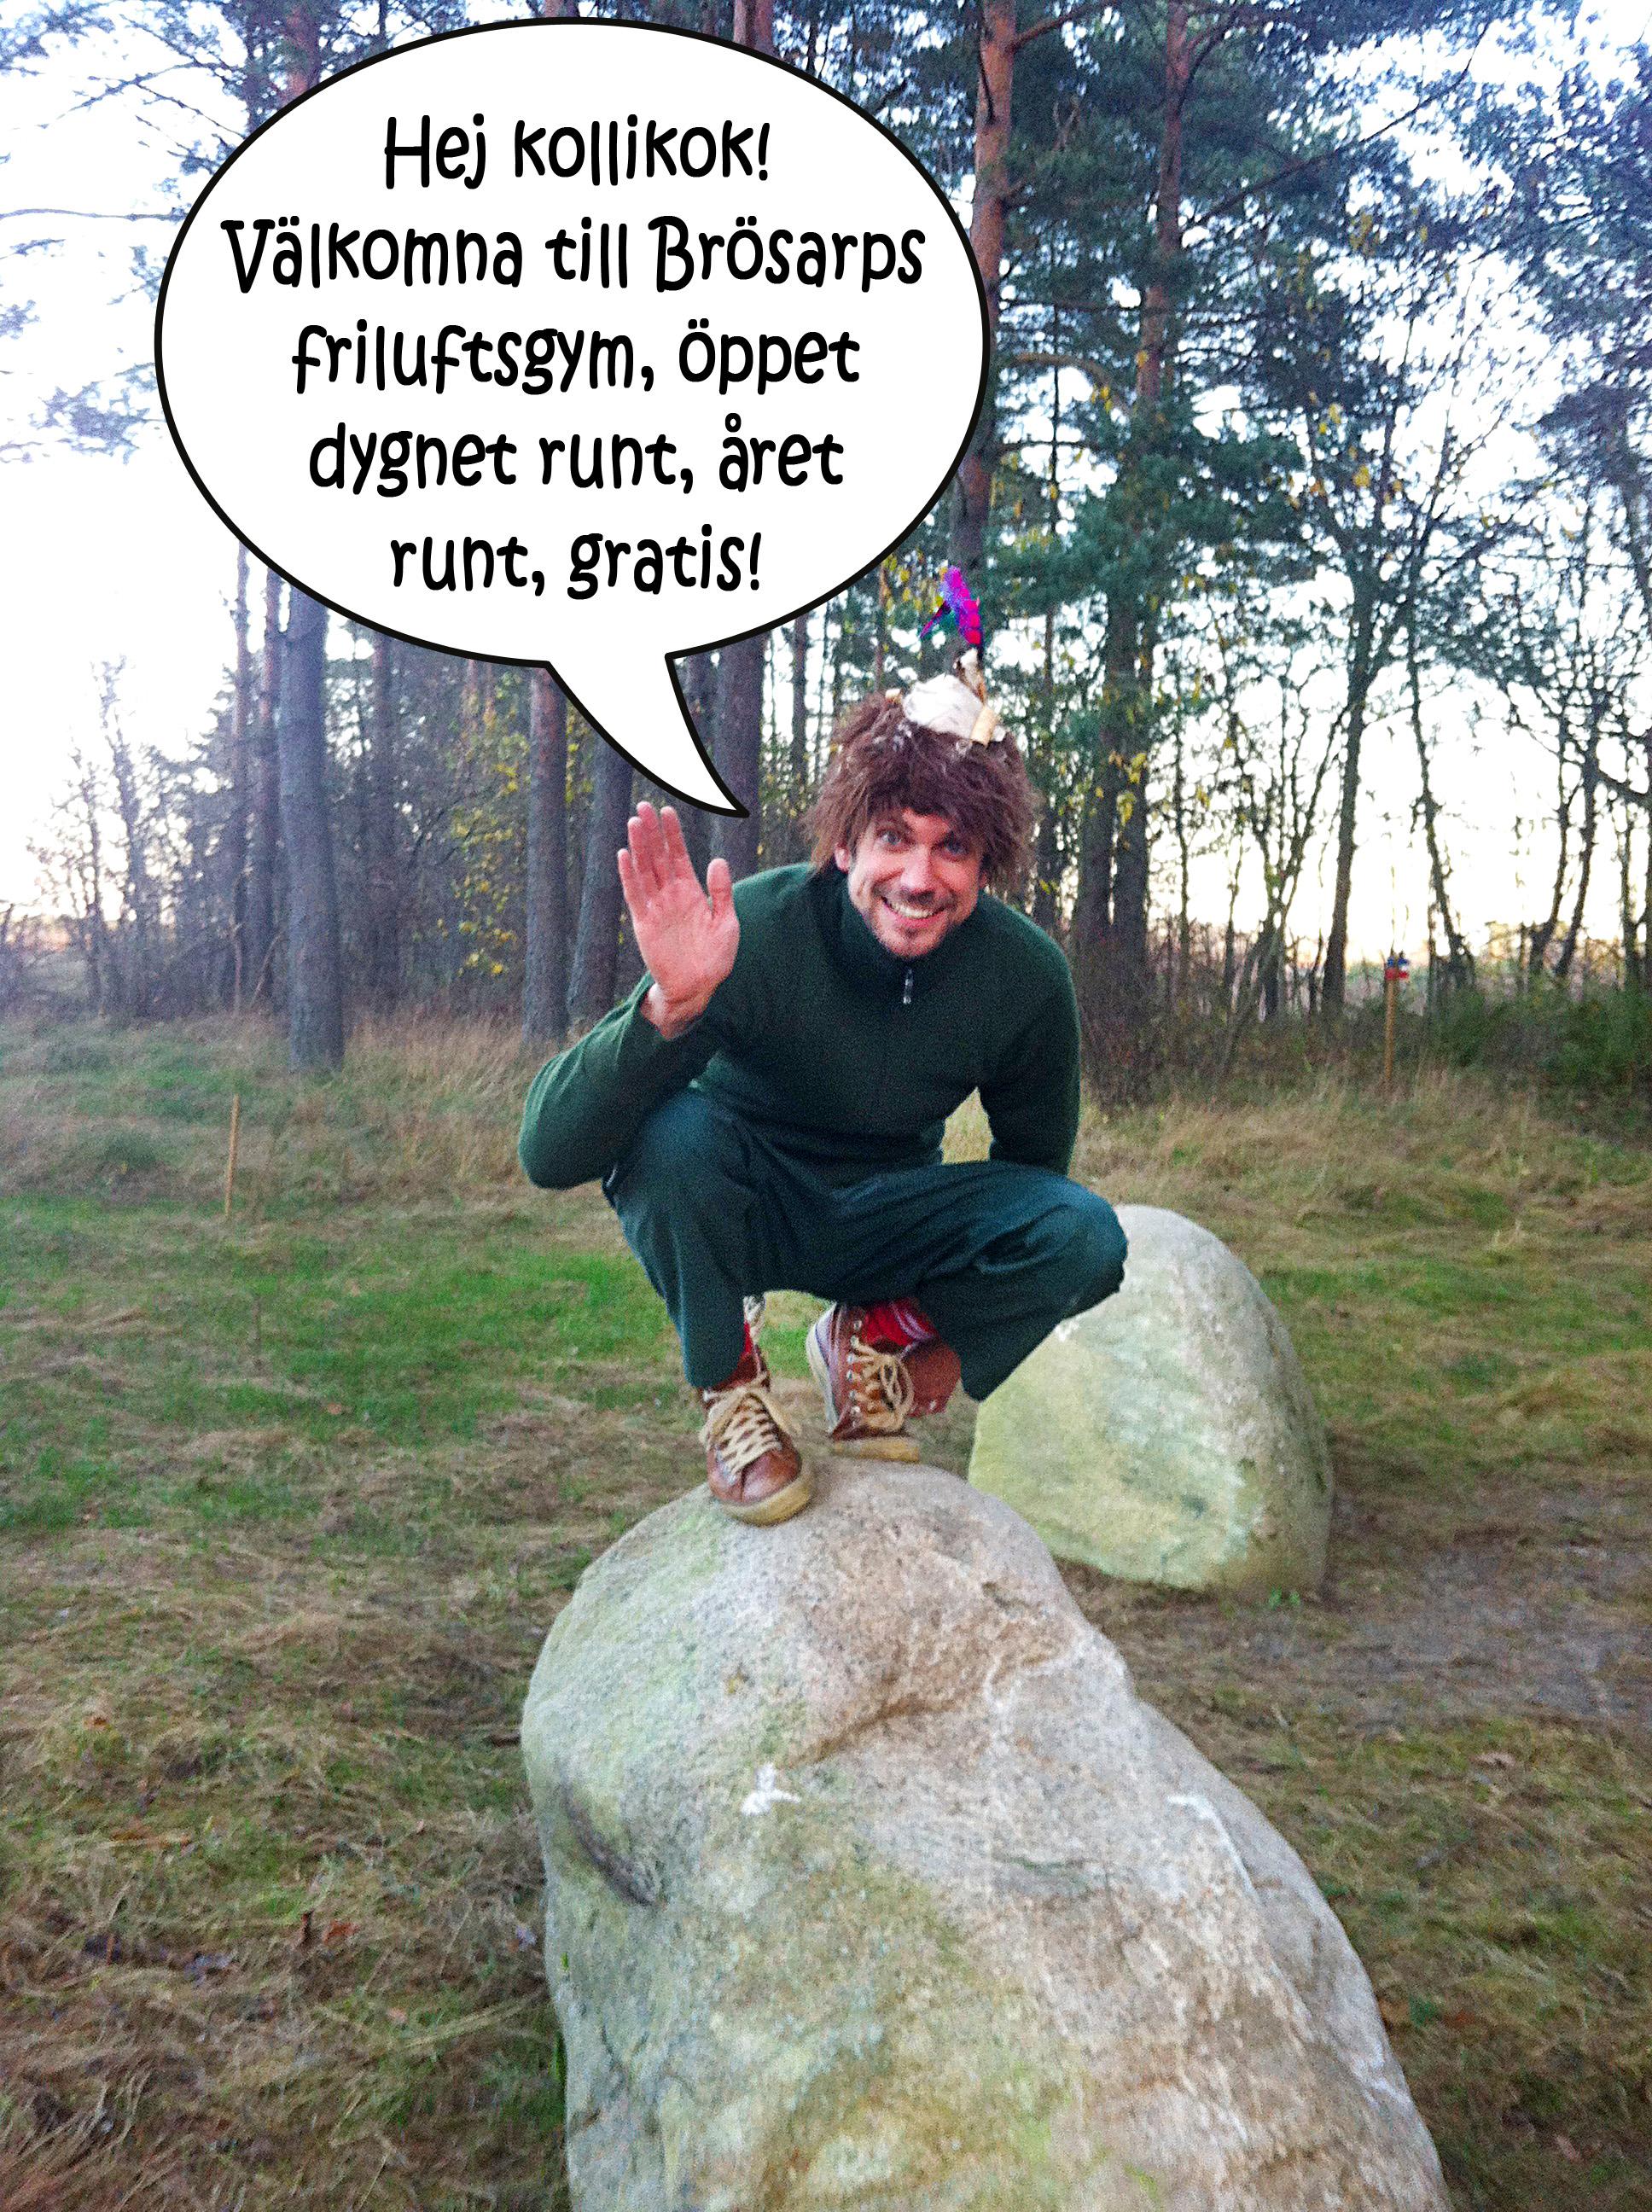 Skogsmulle hälsar dig välkommen till Brösarps utegym!